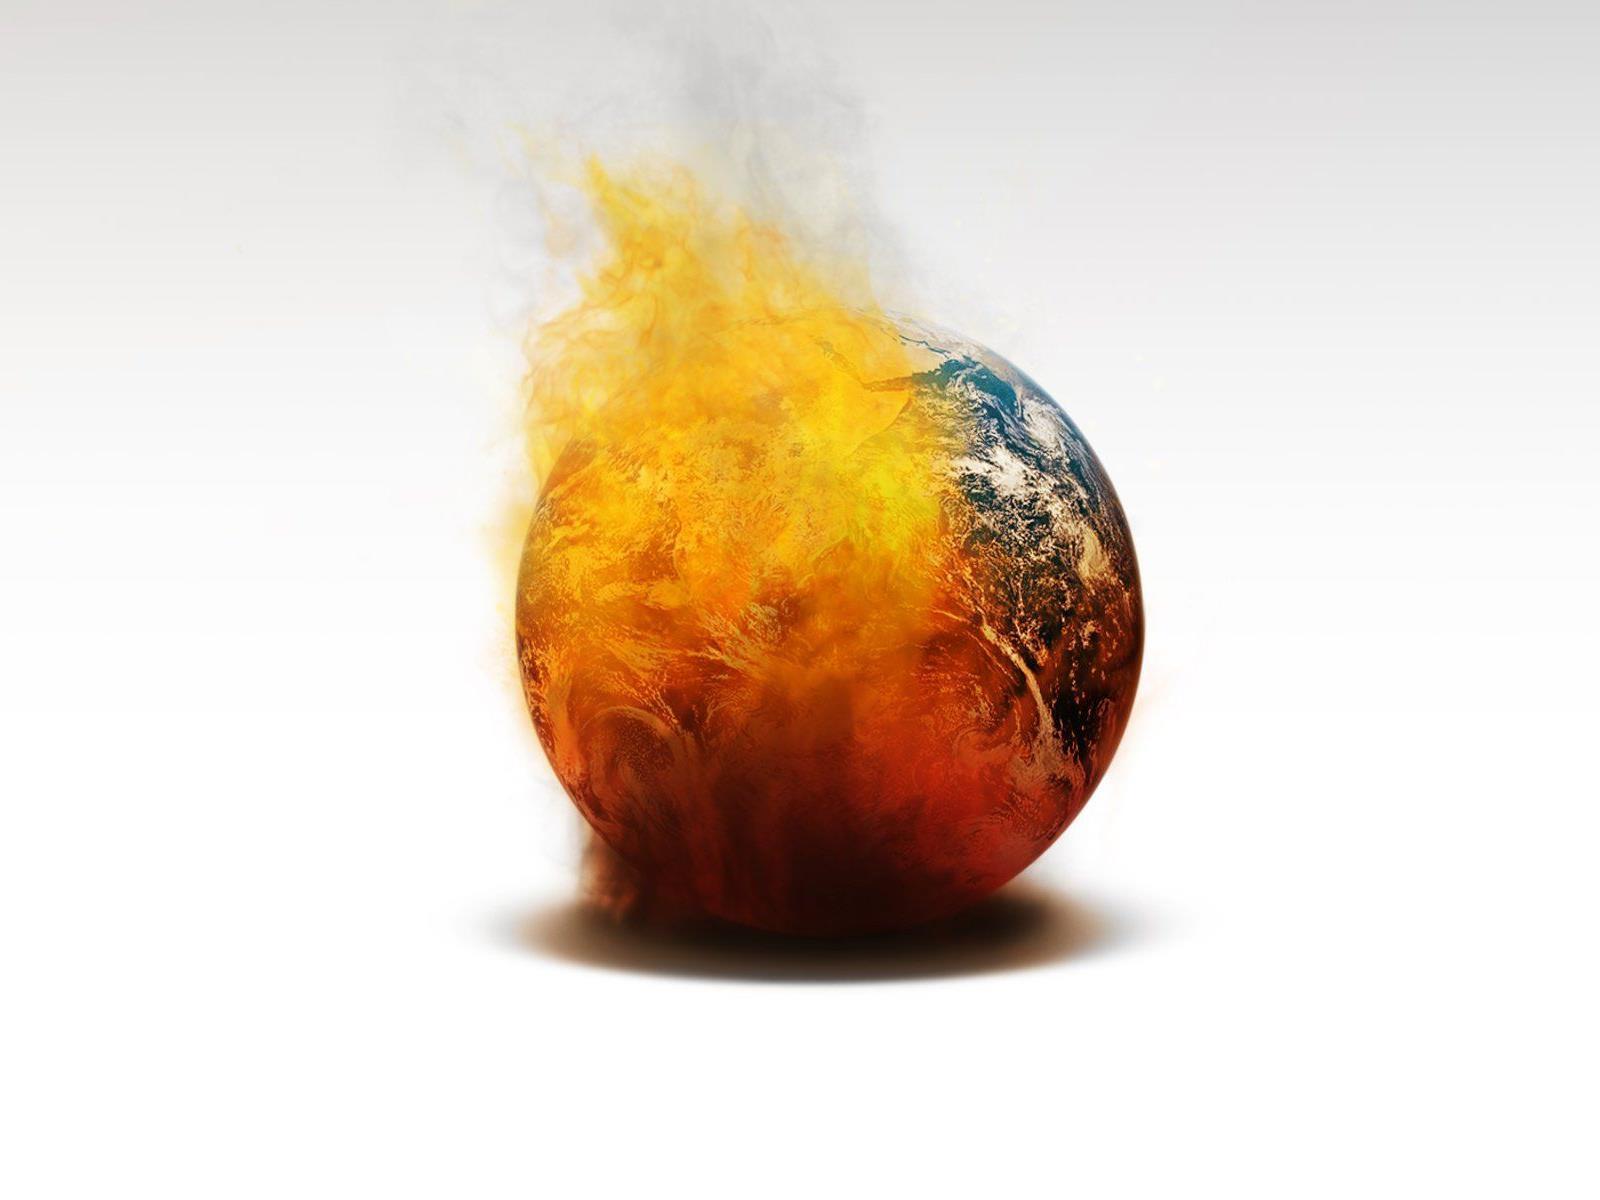 Ausgebrannt, am Limit: Welterschöpfungstag, alle natürlichen Ressourcen für heuer sind aufgebraucht.